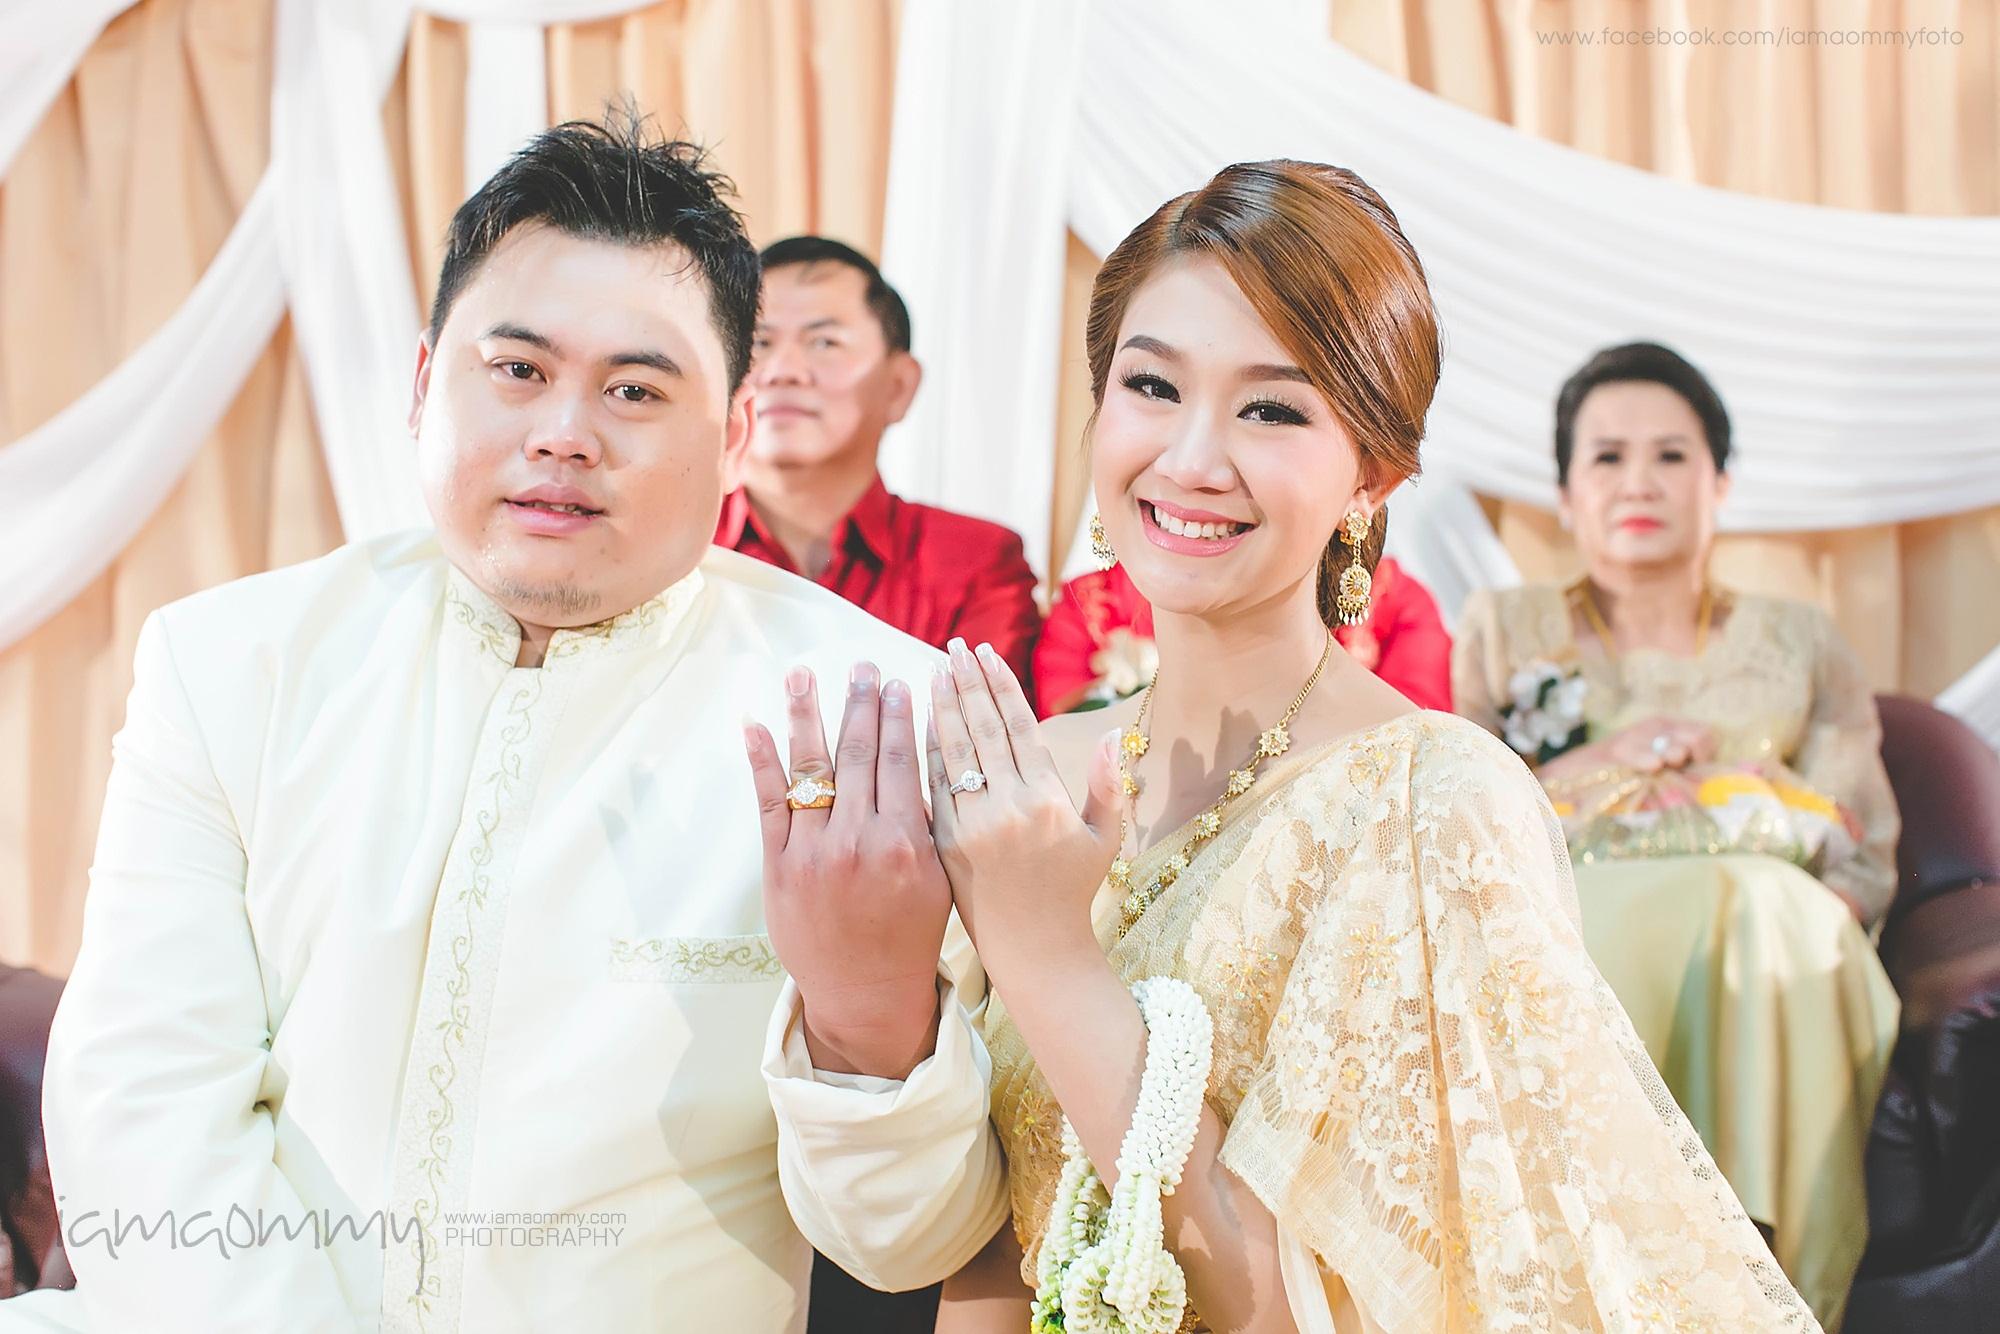 ถ่ายภาพแต่งงงาน_สมาคมชาวปักษ์ใต้_Elle&Nut_0702